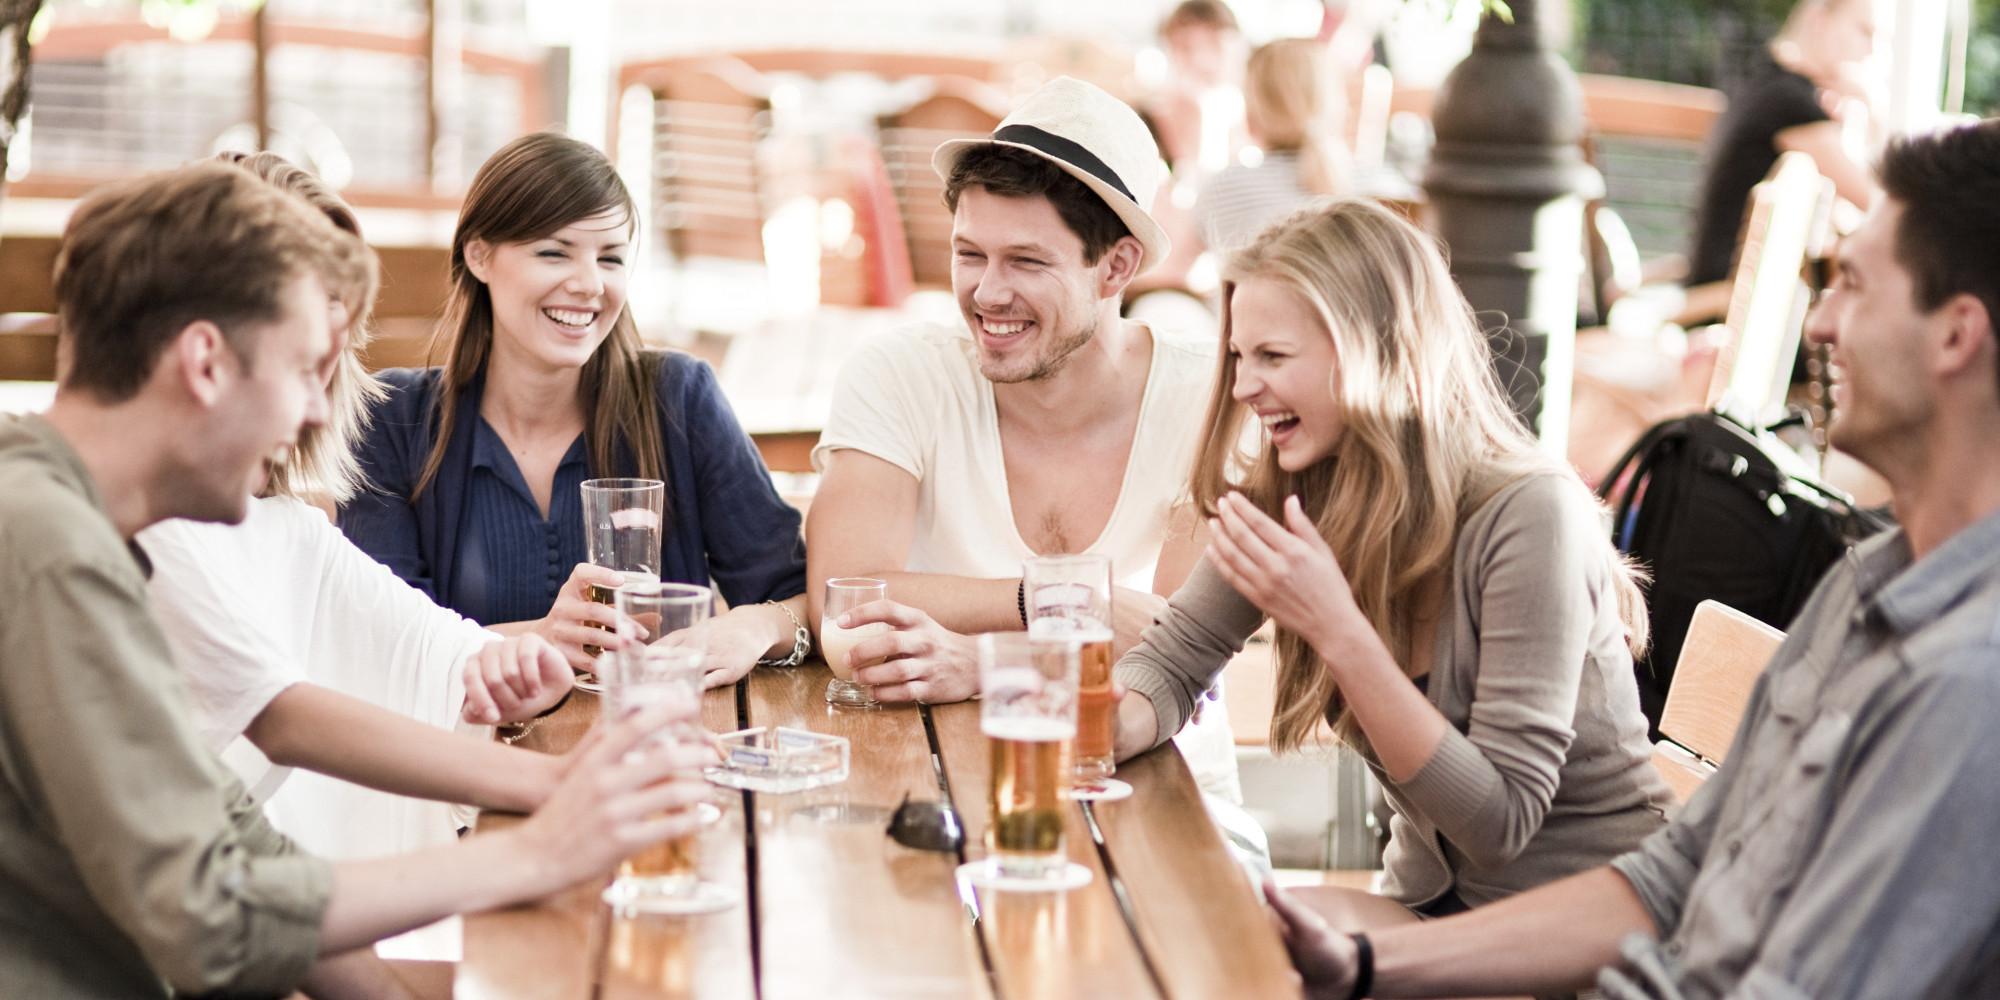 Distrează-te la un pahar de vorbă cu prietenii punându-i în dificultate cu 15 întrebări de logică la care doar tu știi răspunsurile corecte!